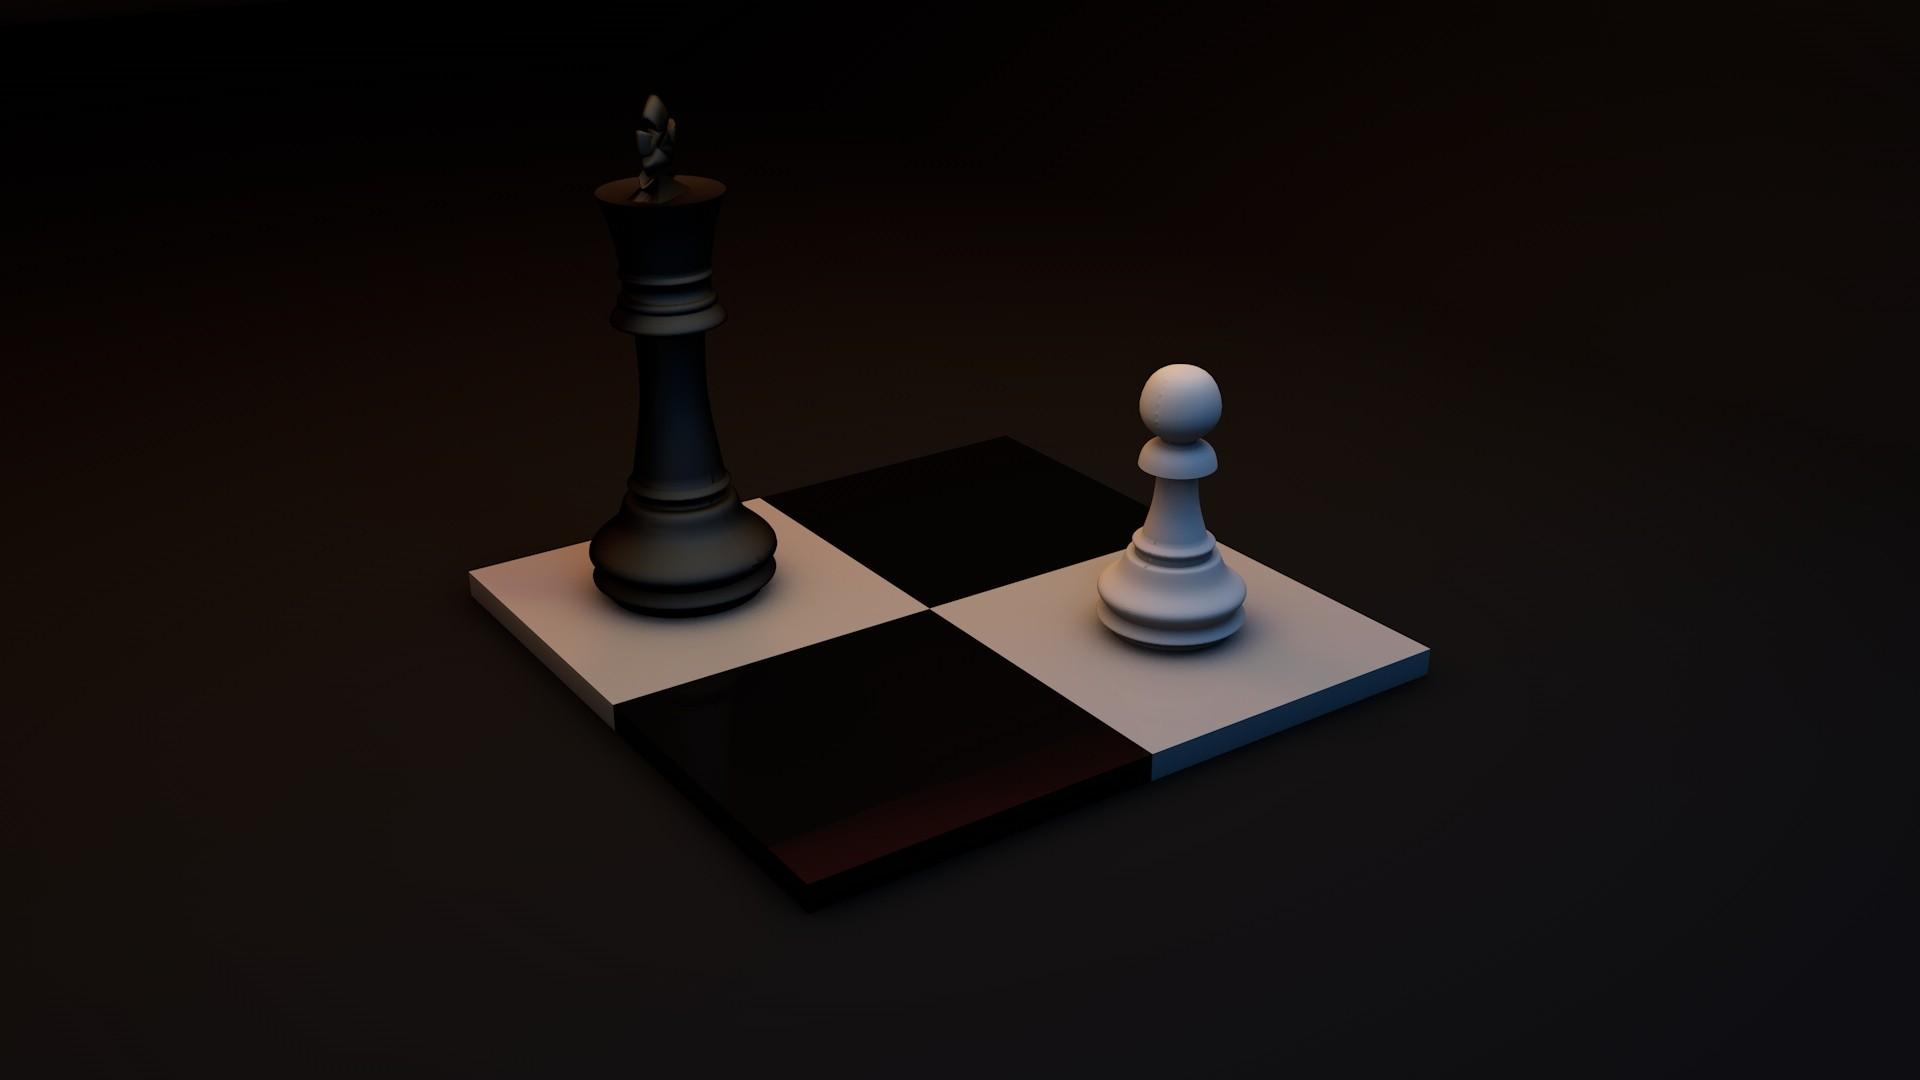 графика природа люди шахматы в хорошем качестве